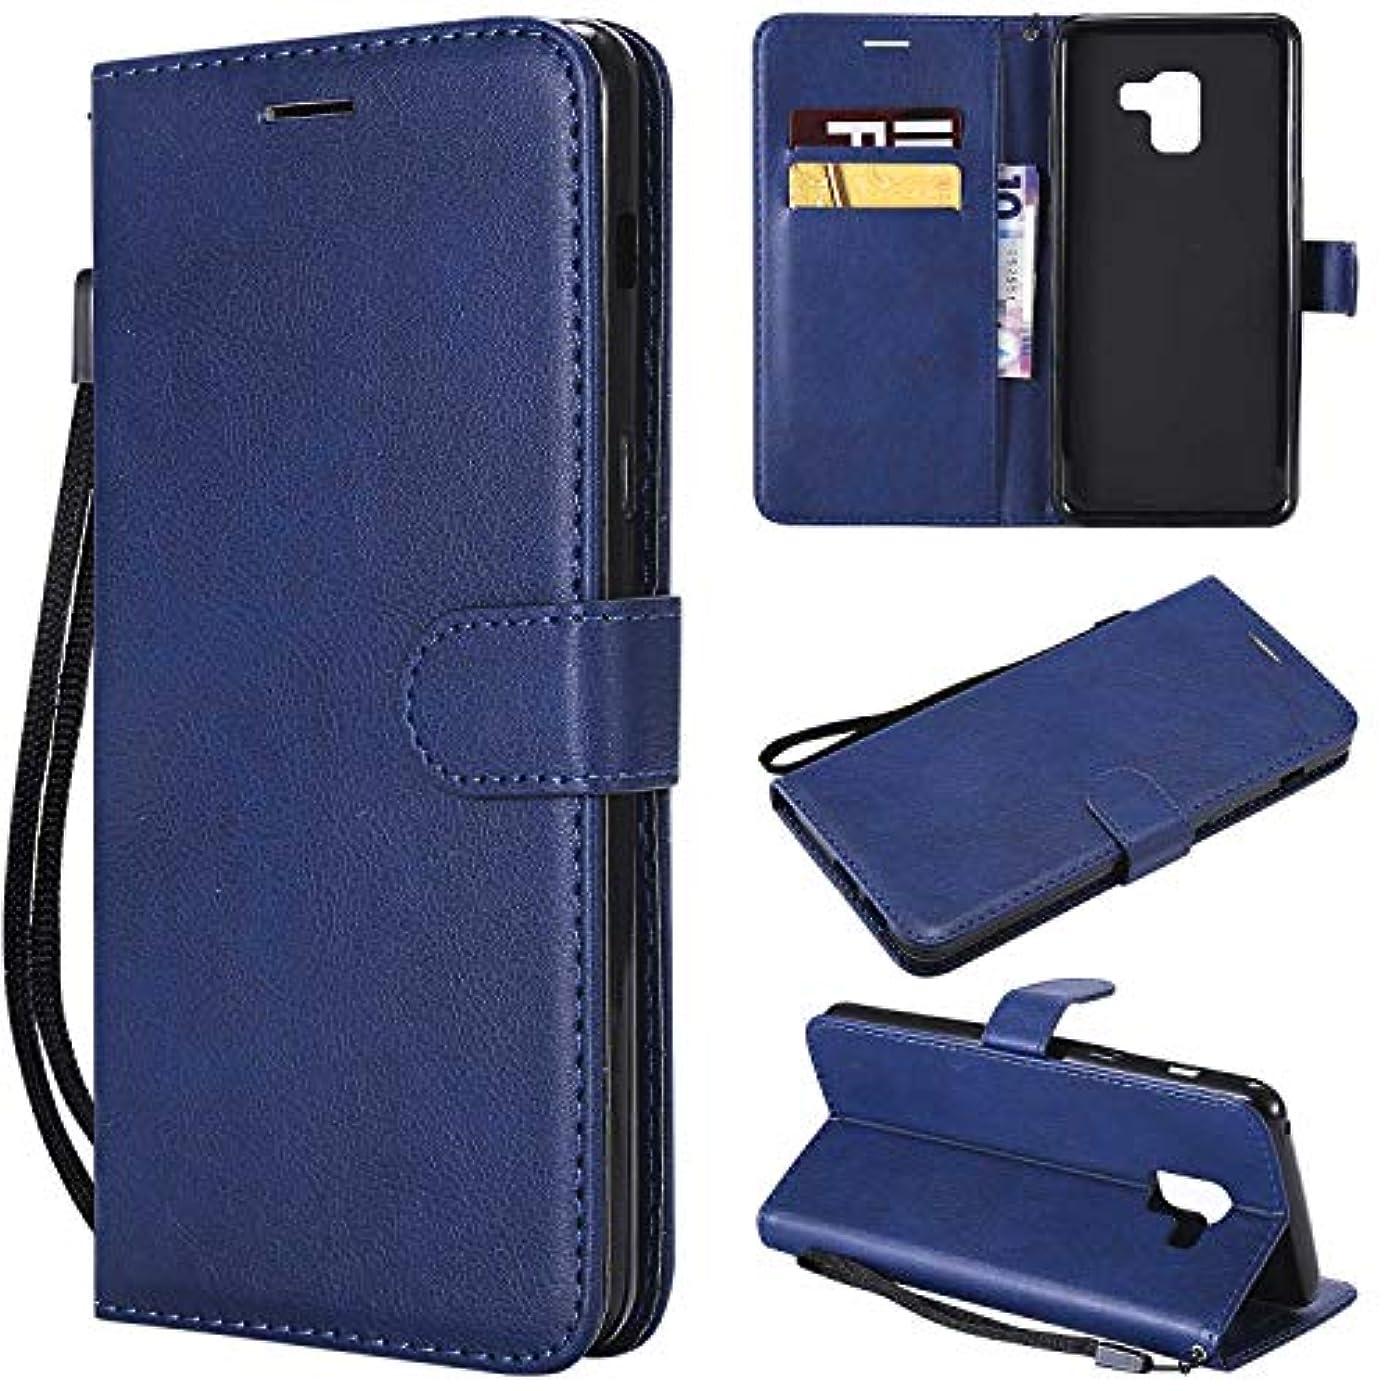 トイレ節約するぞっとするようなGalaxy A8 Plus ケース手帳型 OMATENTI レザー 革 薄型 手帳型カバー カード入れ スタンド機能 サムスン Galaxy A8 Plus おしゃれ 手帳ケース (6-ブルー)